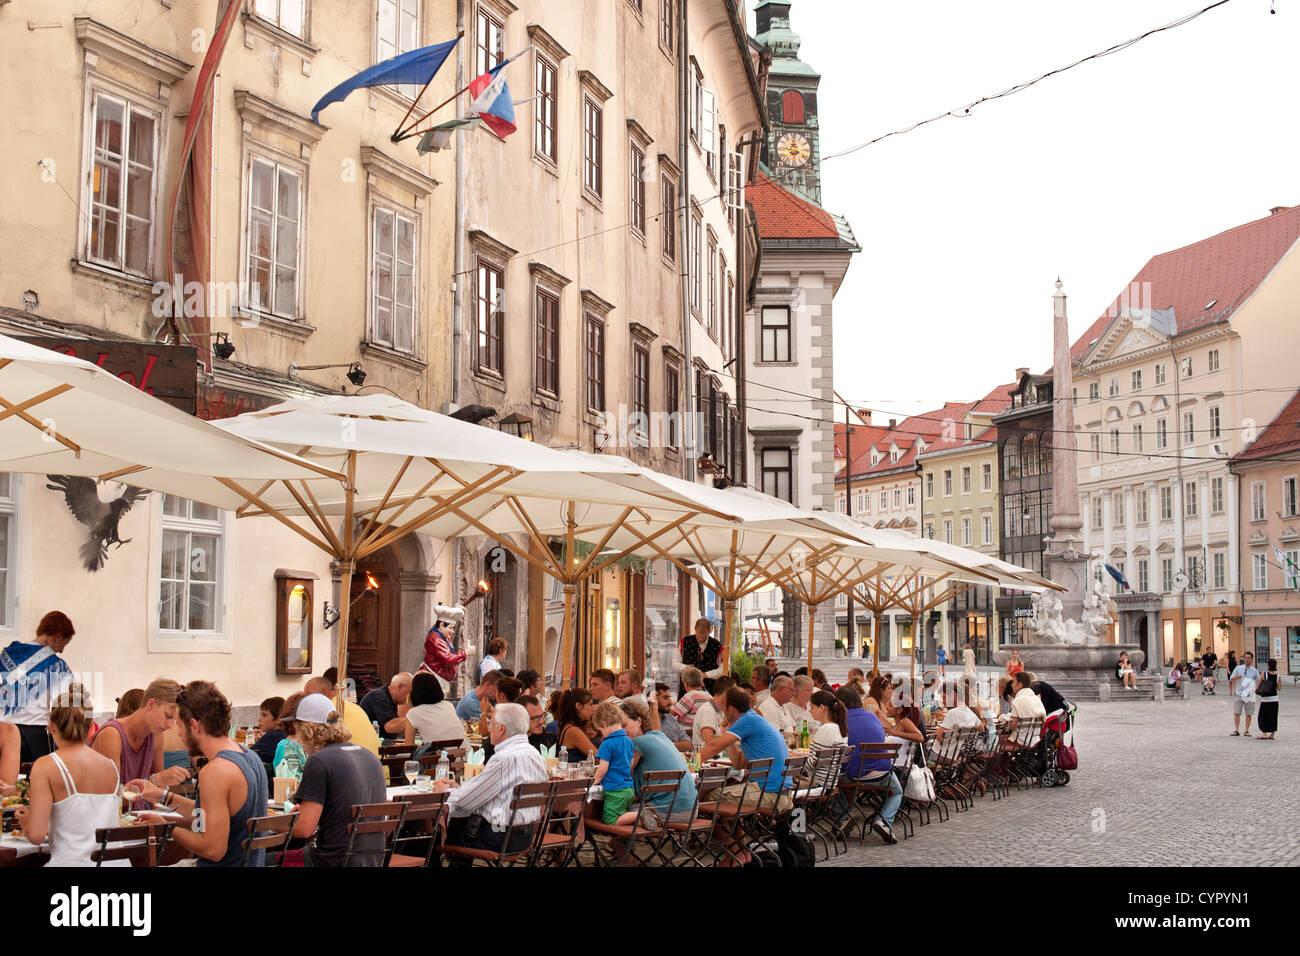 Straßencafés in der Altstadt von Ljubljana, die Hauptstadt von Slowenien. Stockbild